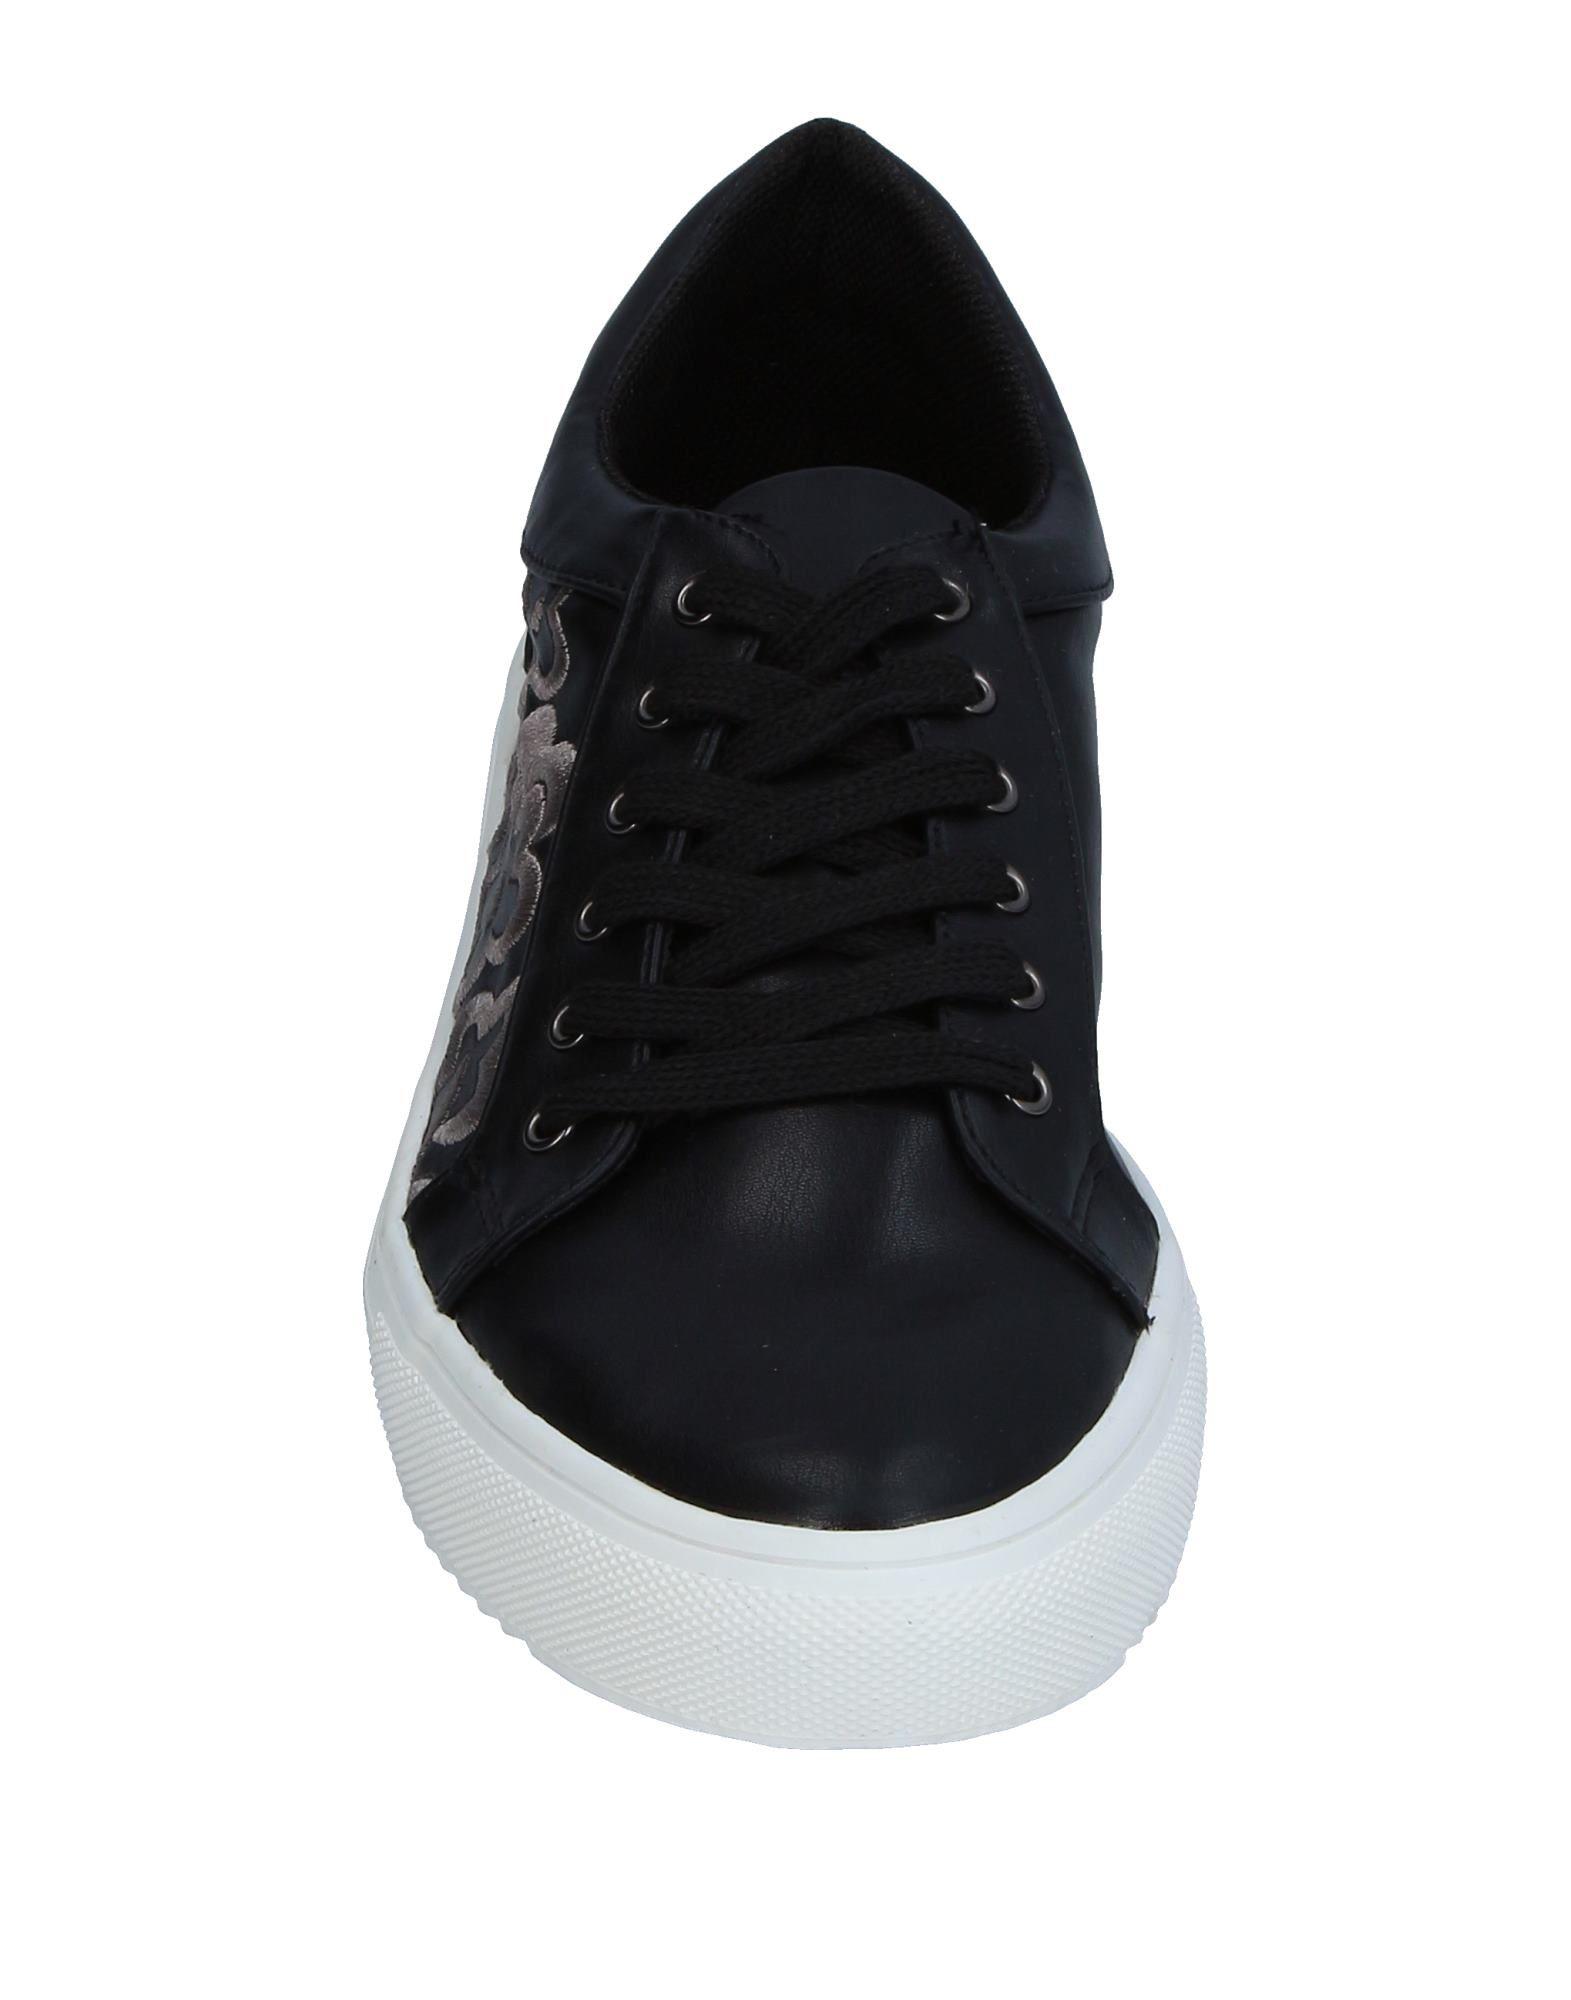 Cafènoir Sneakers Damen  11338554DX Schuhe Gute Qualität beliebte Schuhe 11338554DX 162a27